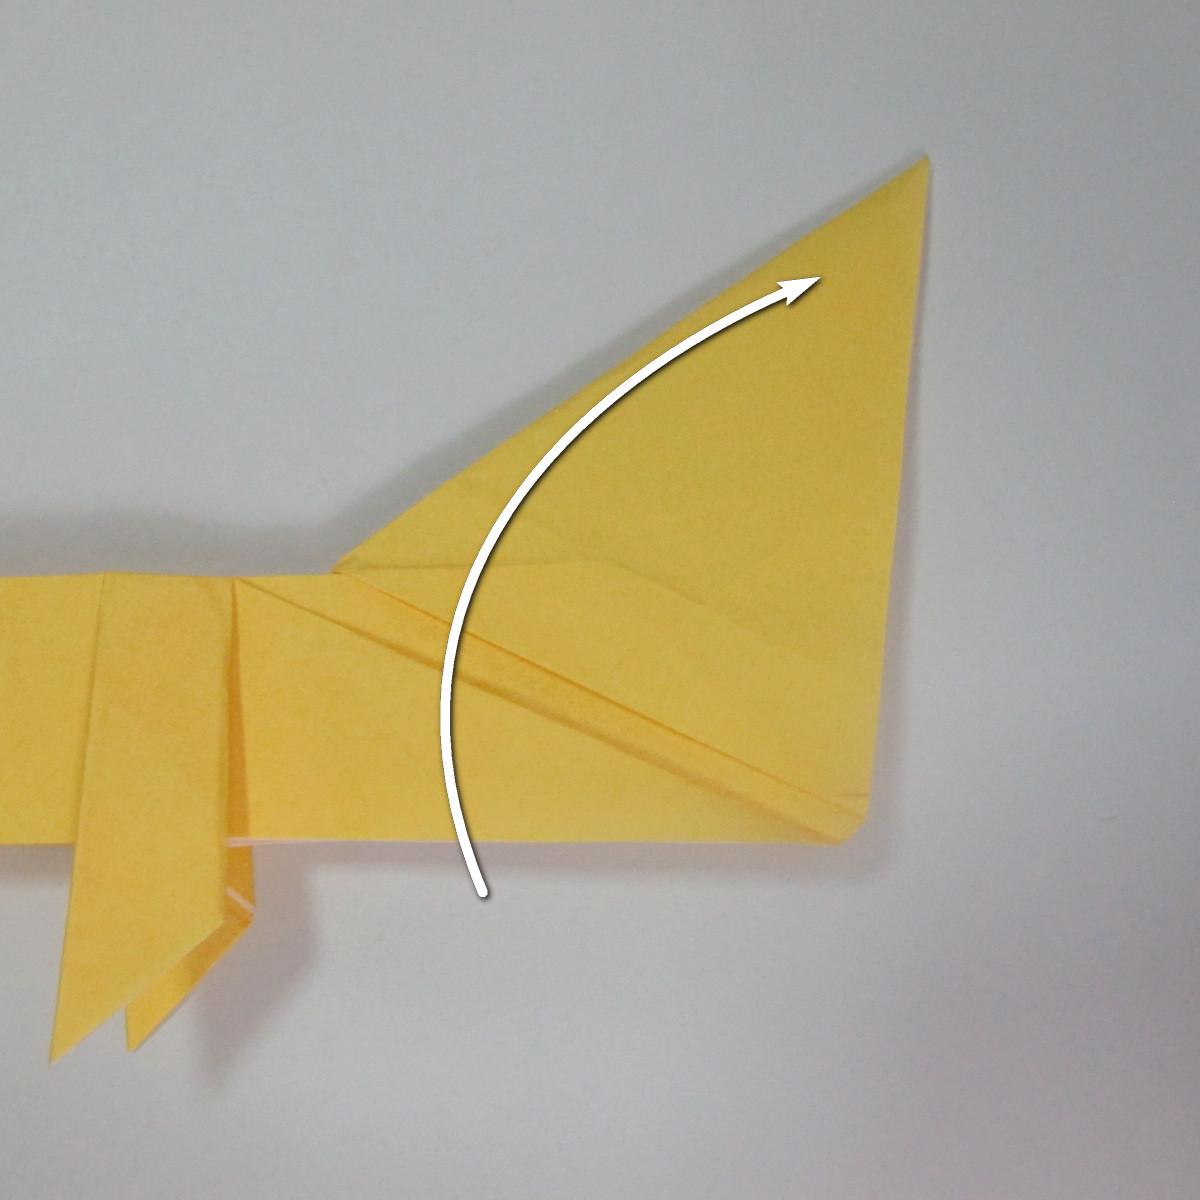 สอนวิธีพับกระดาษเป็นรูปลูกสุนัขยืนสองขา แบบของพอล ฟราสโก้ (Down Boy Dog Origami) 071